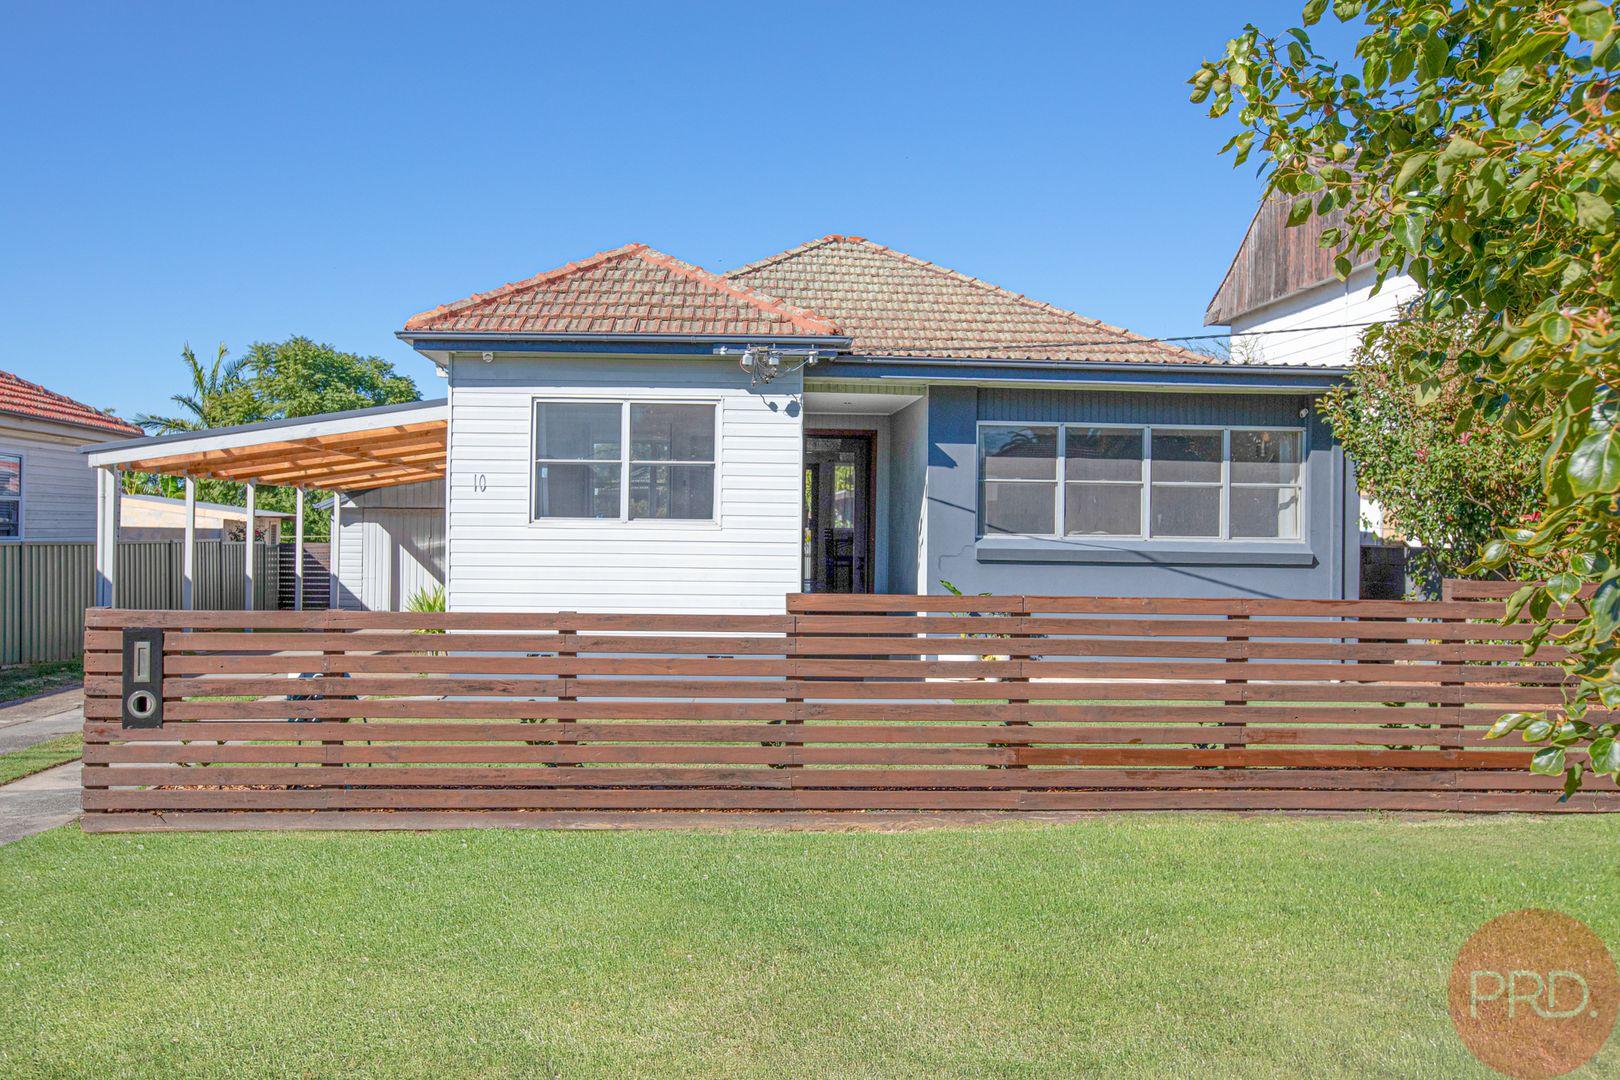 10 Delprat Avenue, Beresfield NSW 2322, Image 0